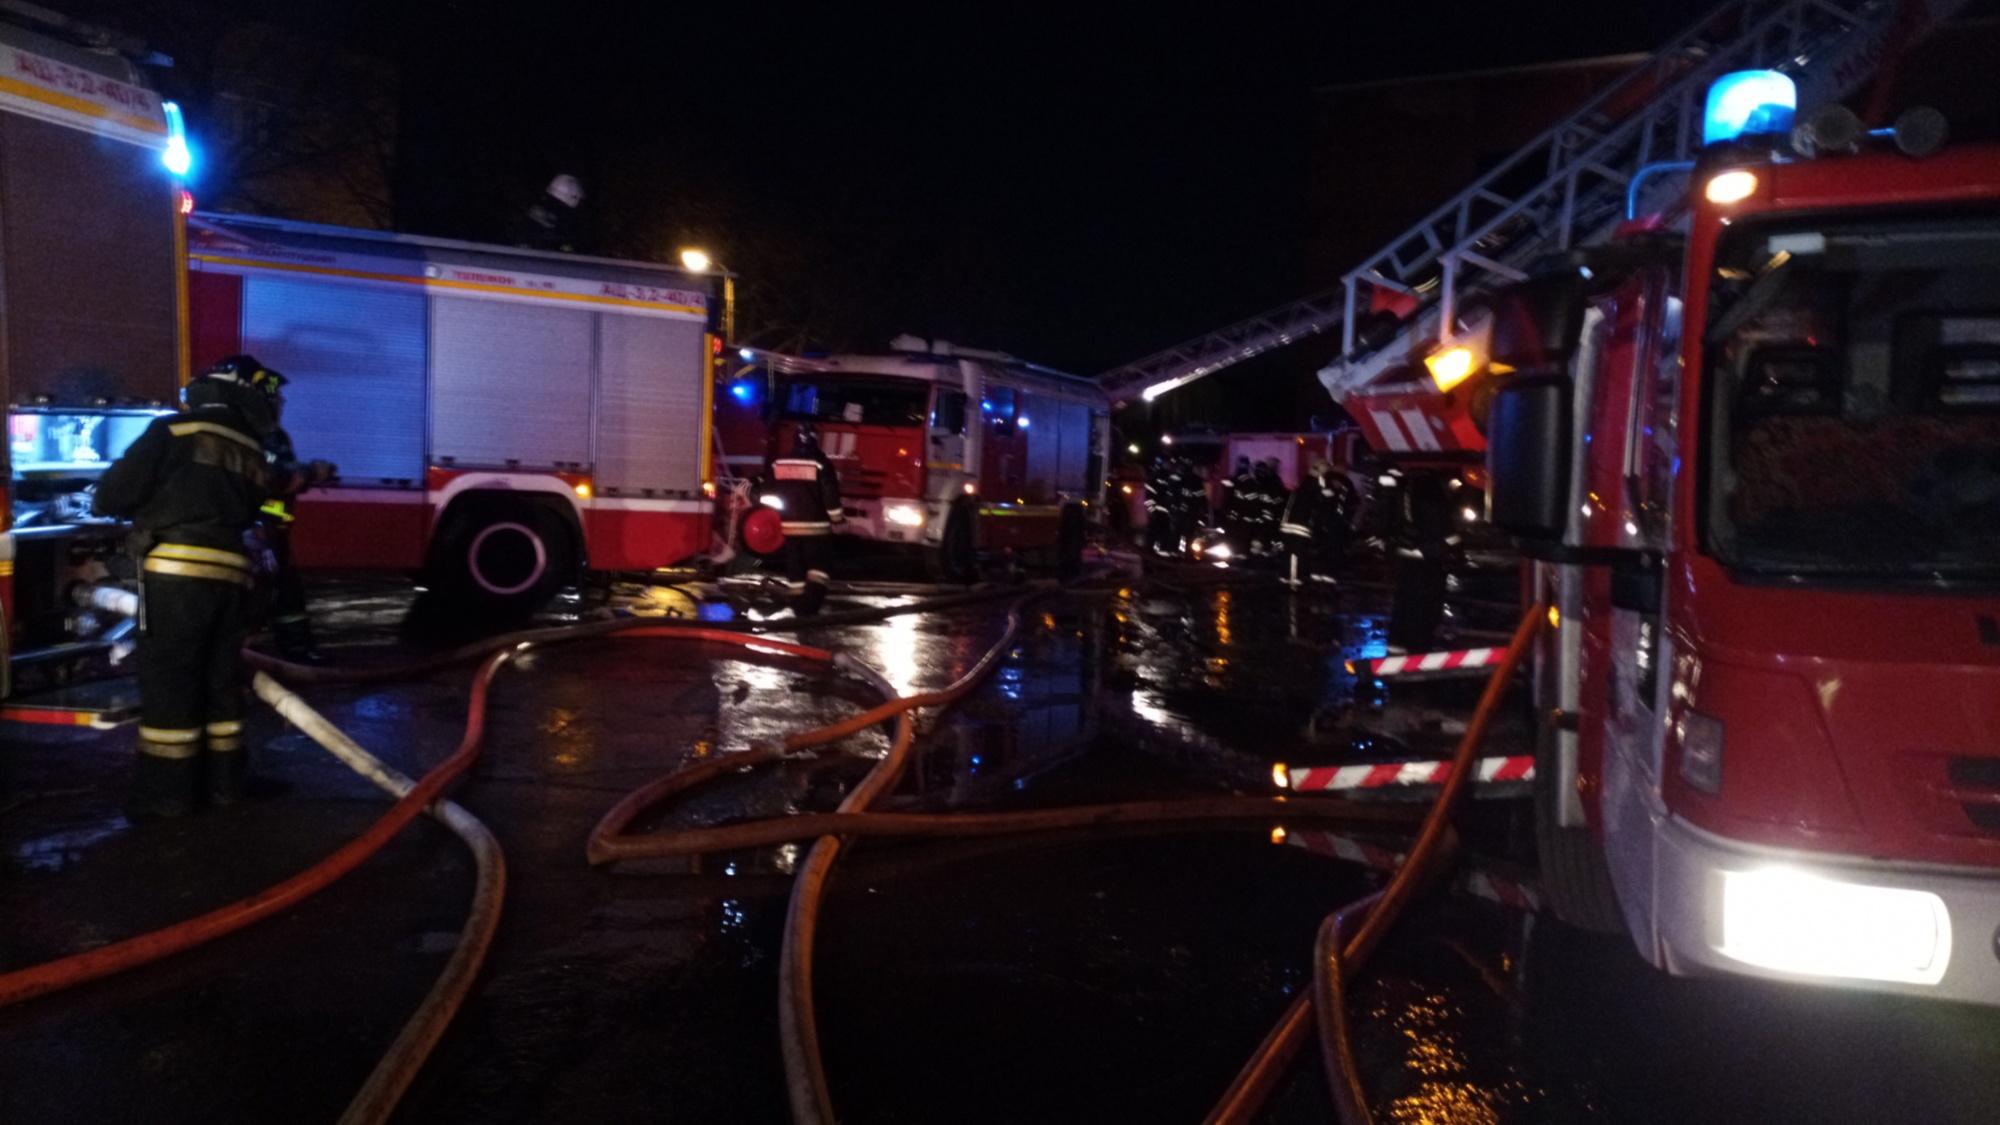 Четыре человека погибли и один пострадал при пожаре в доме в Екатеринбурге